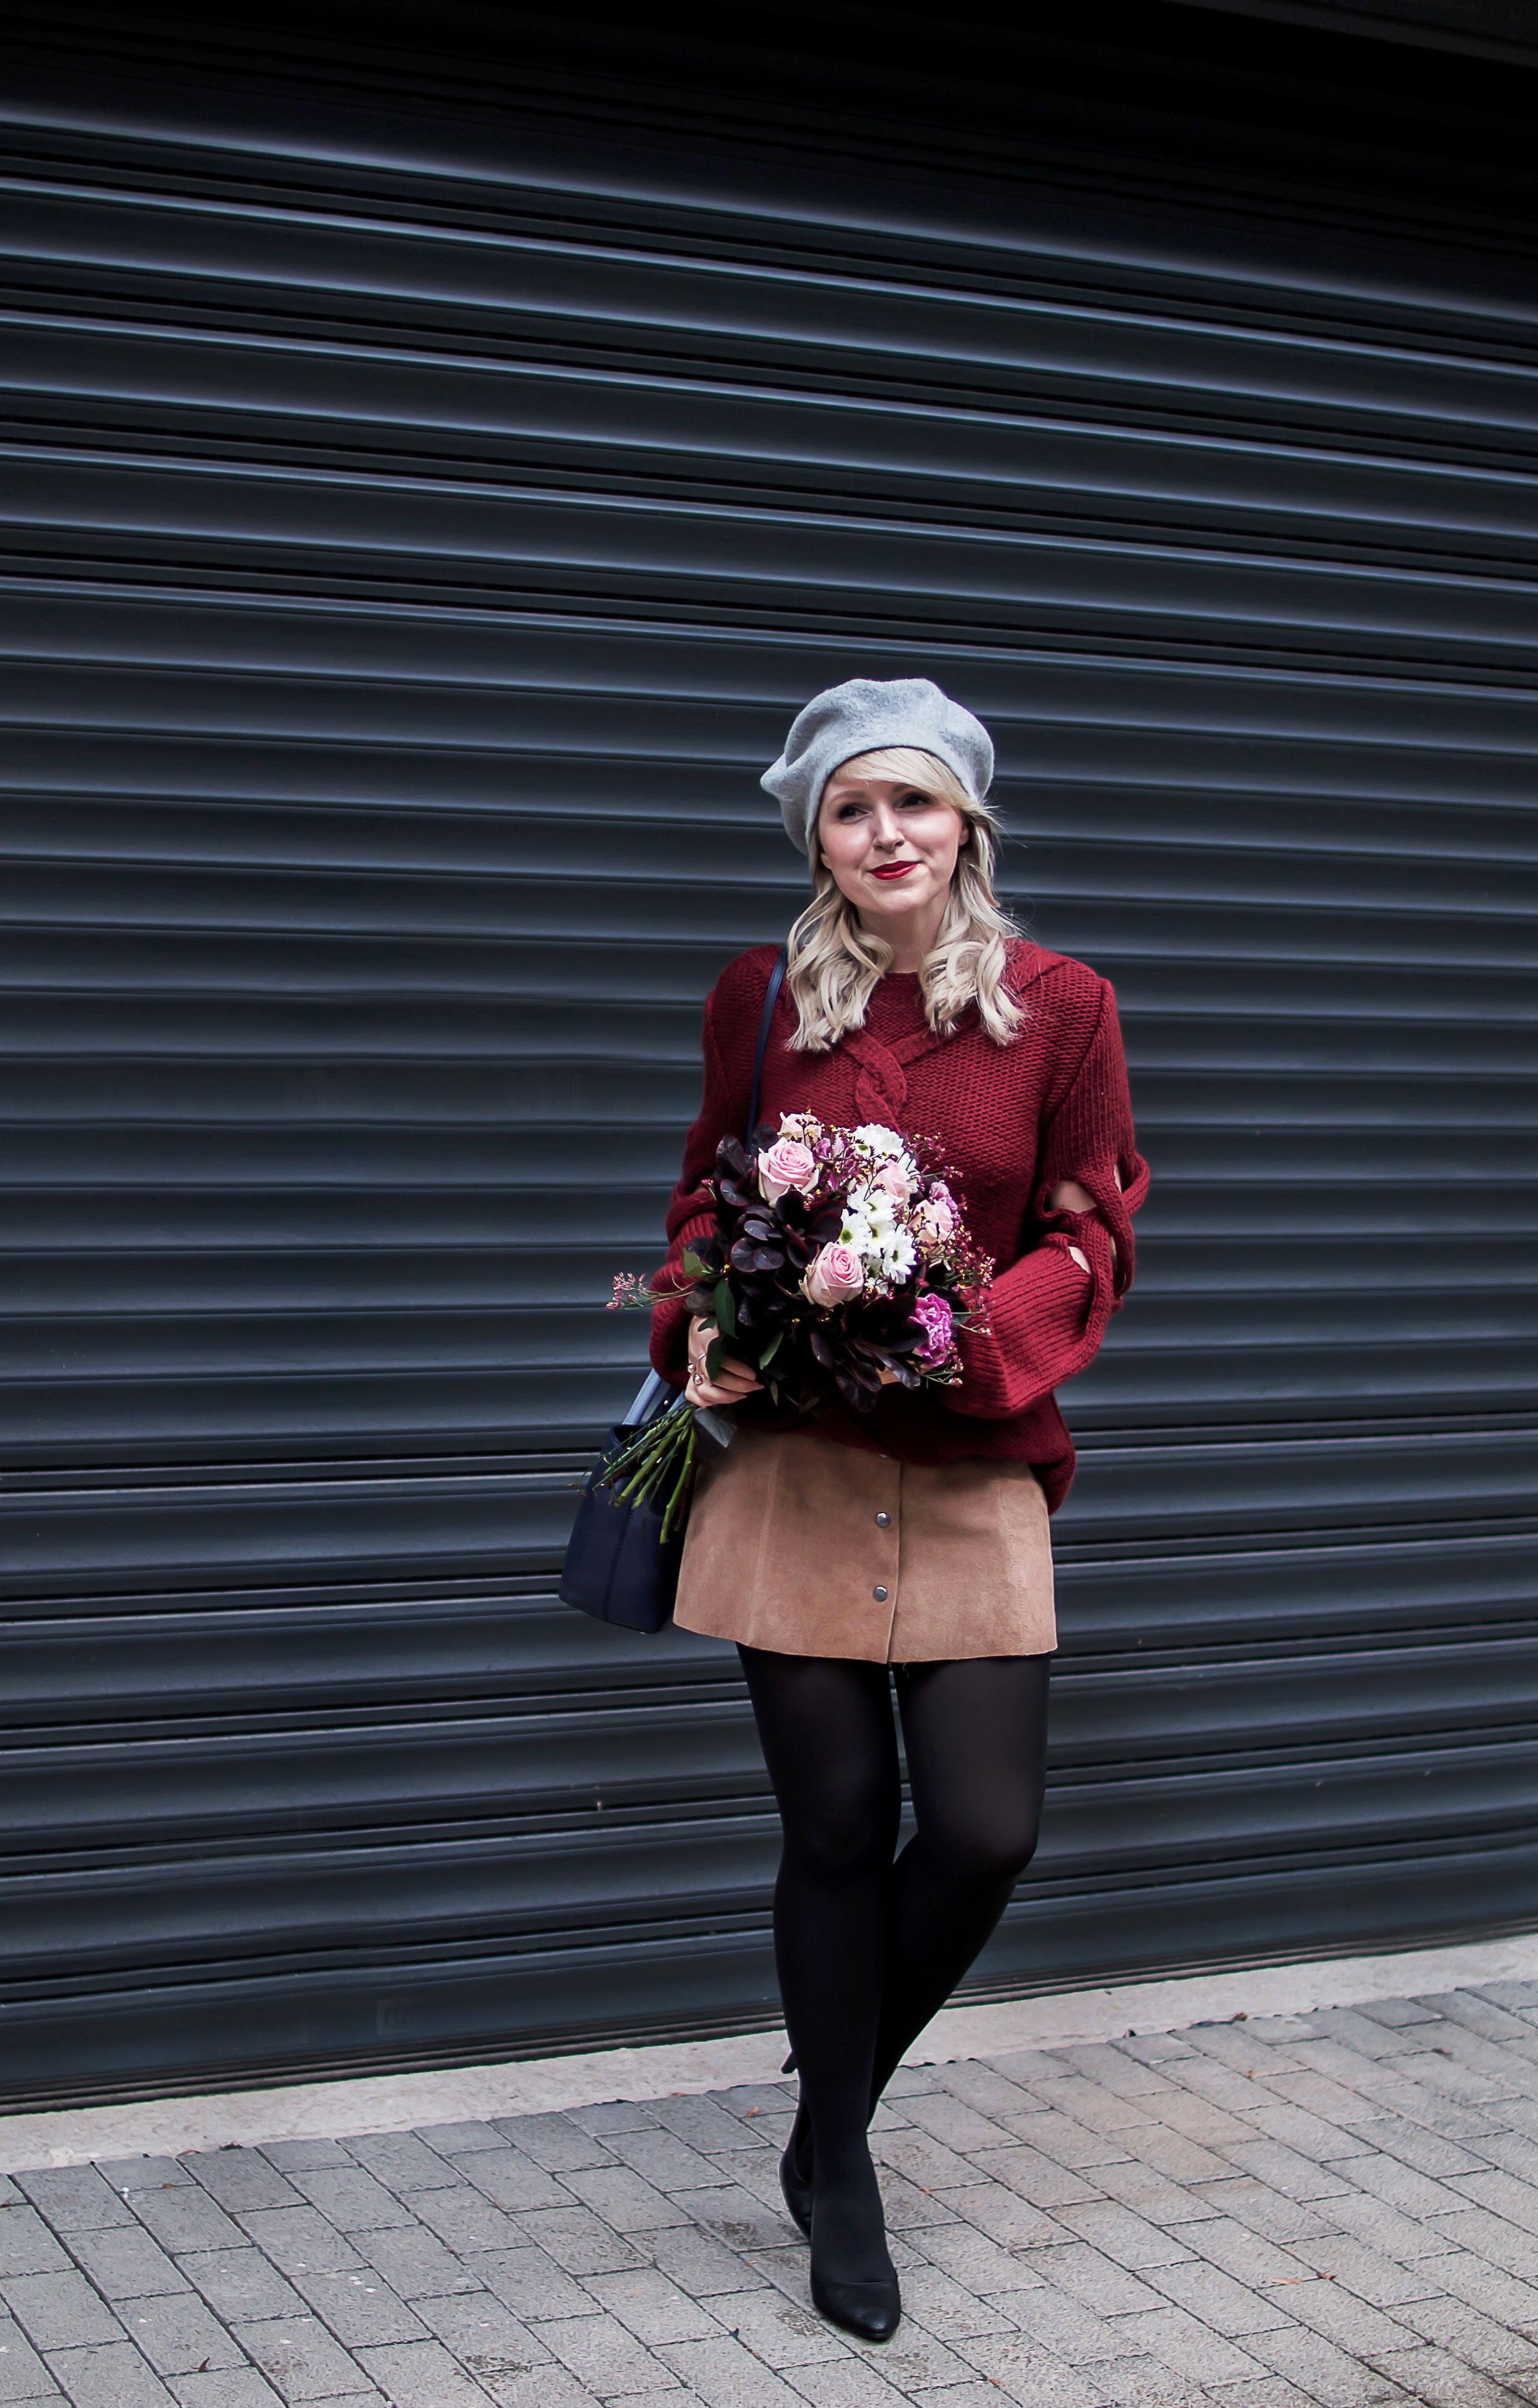 french_style_outfit_radley_wochenendstyle_baskenmuetze_franzoesisch_hut_10